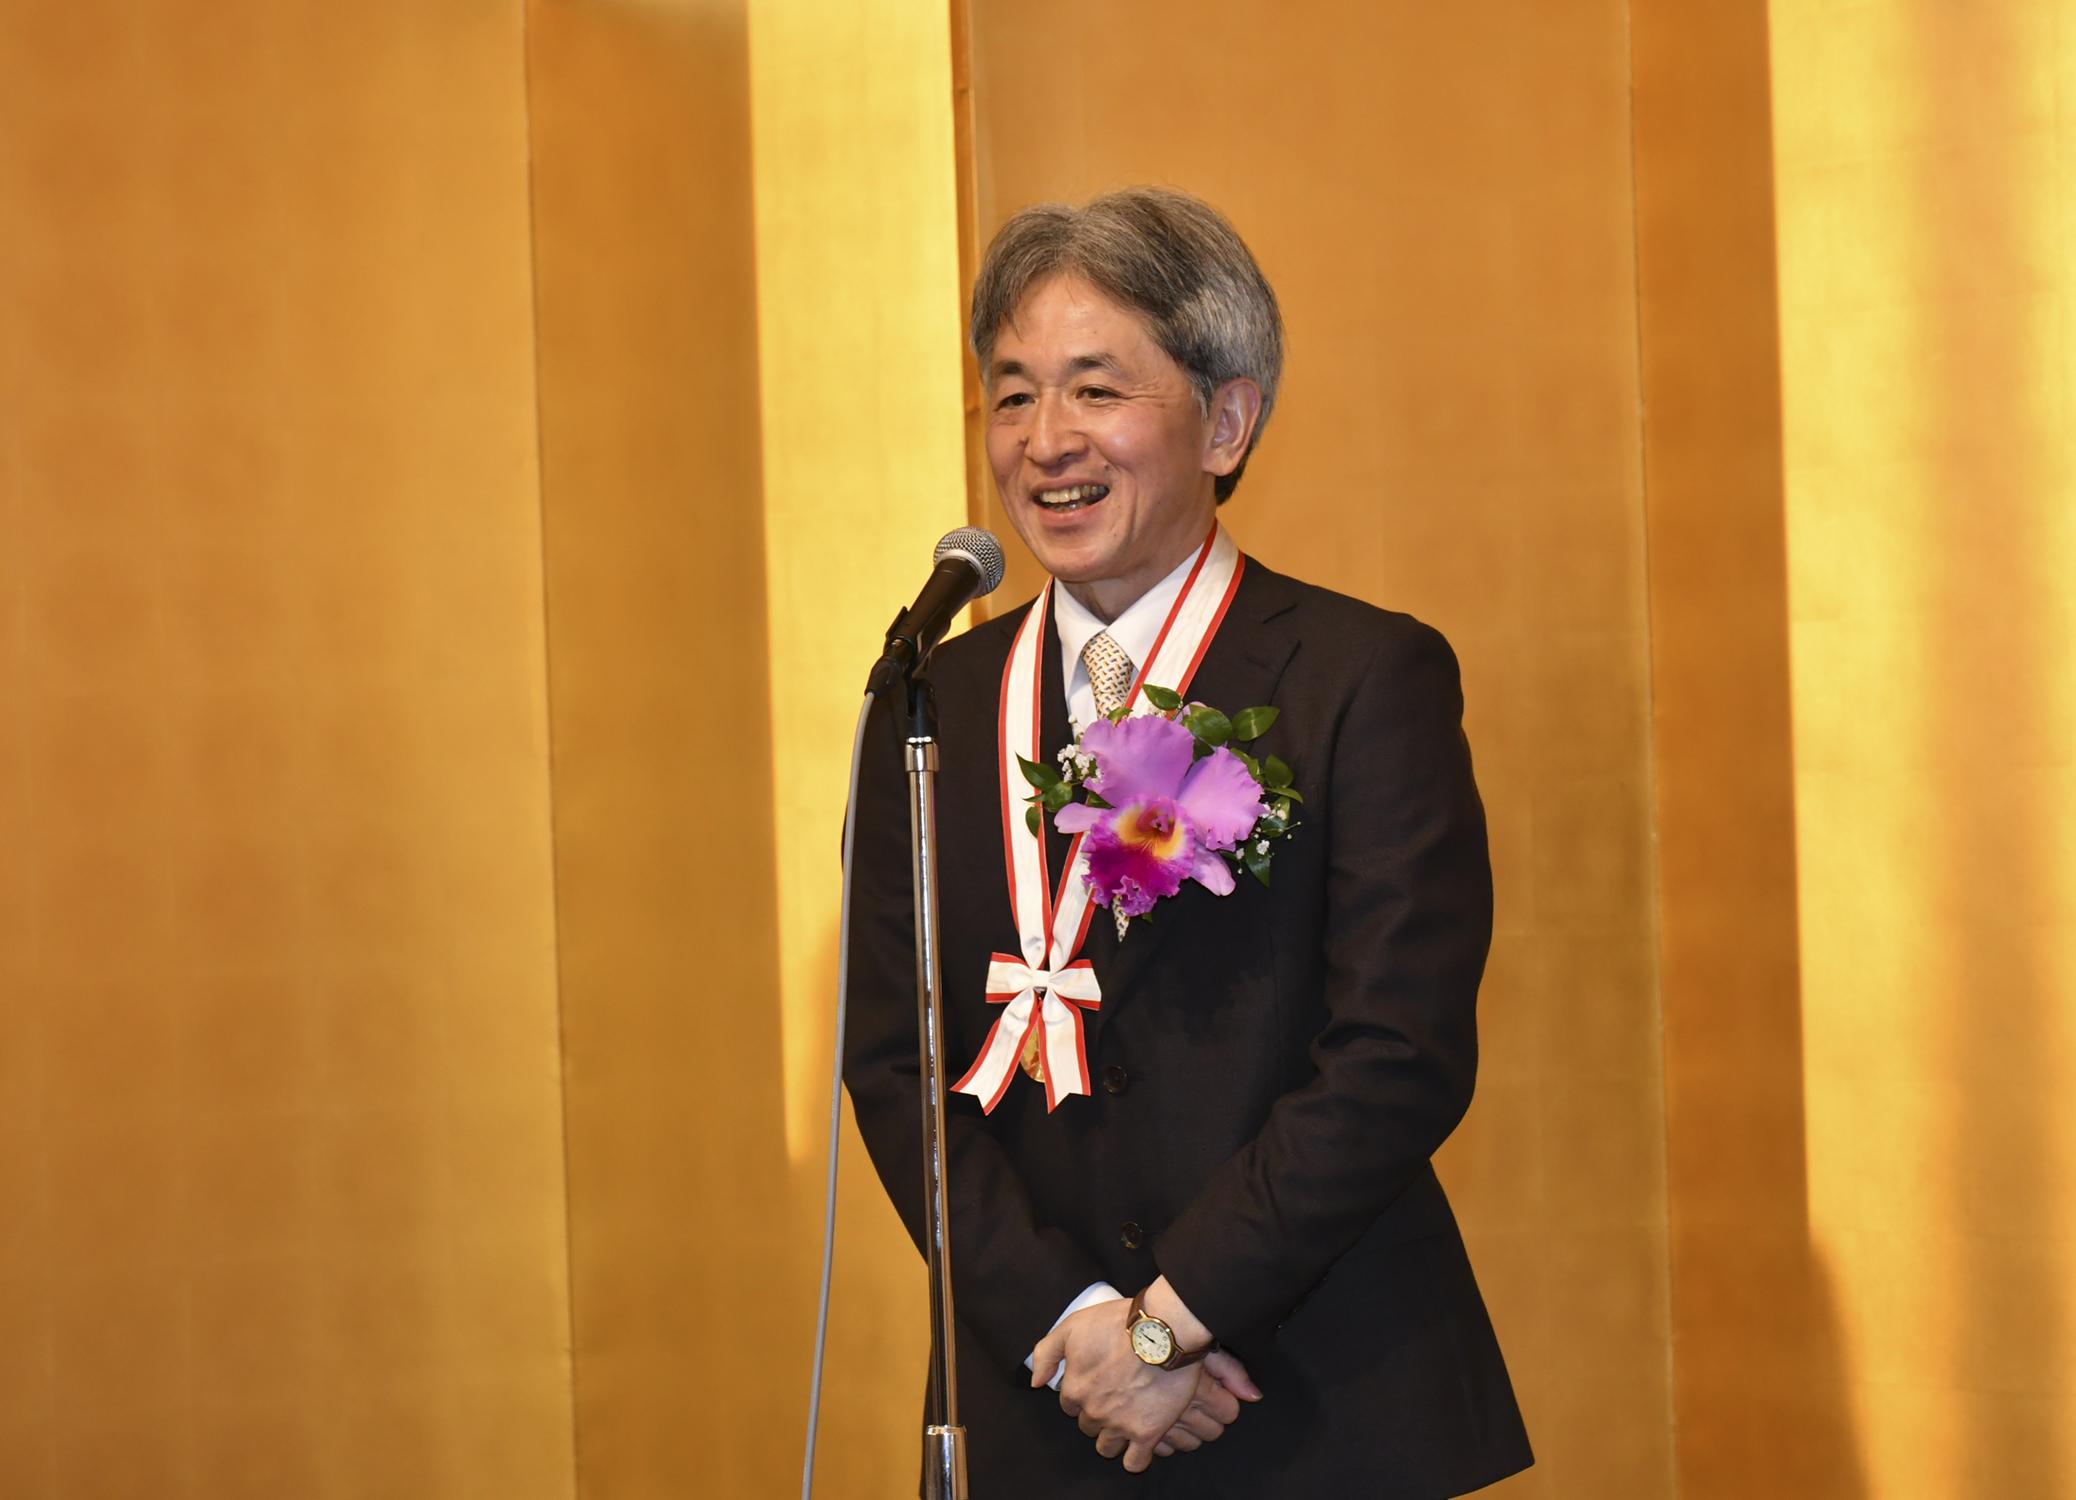 神取教授が、鵜飼学長・木下理事に、内藤記念科学振興賞の受賞を報告。